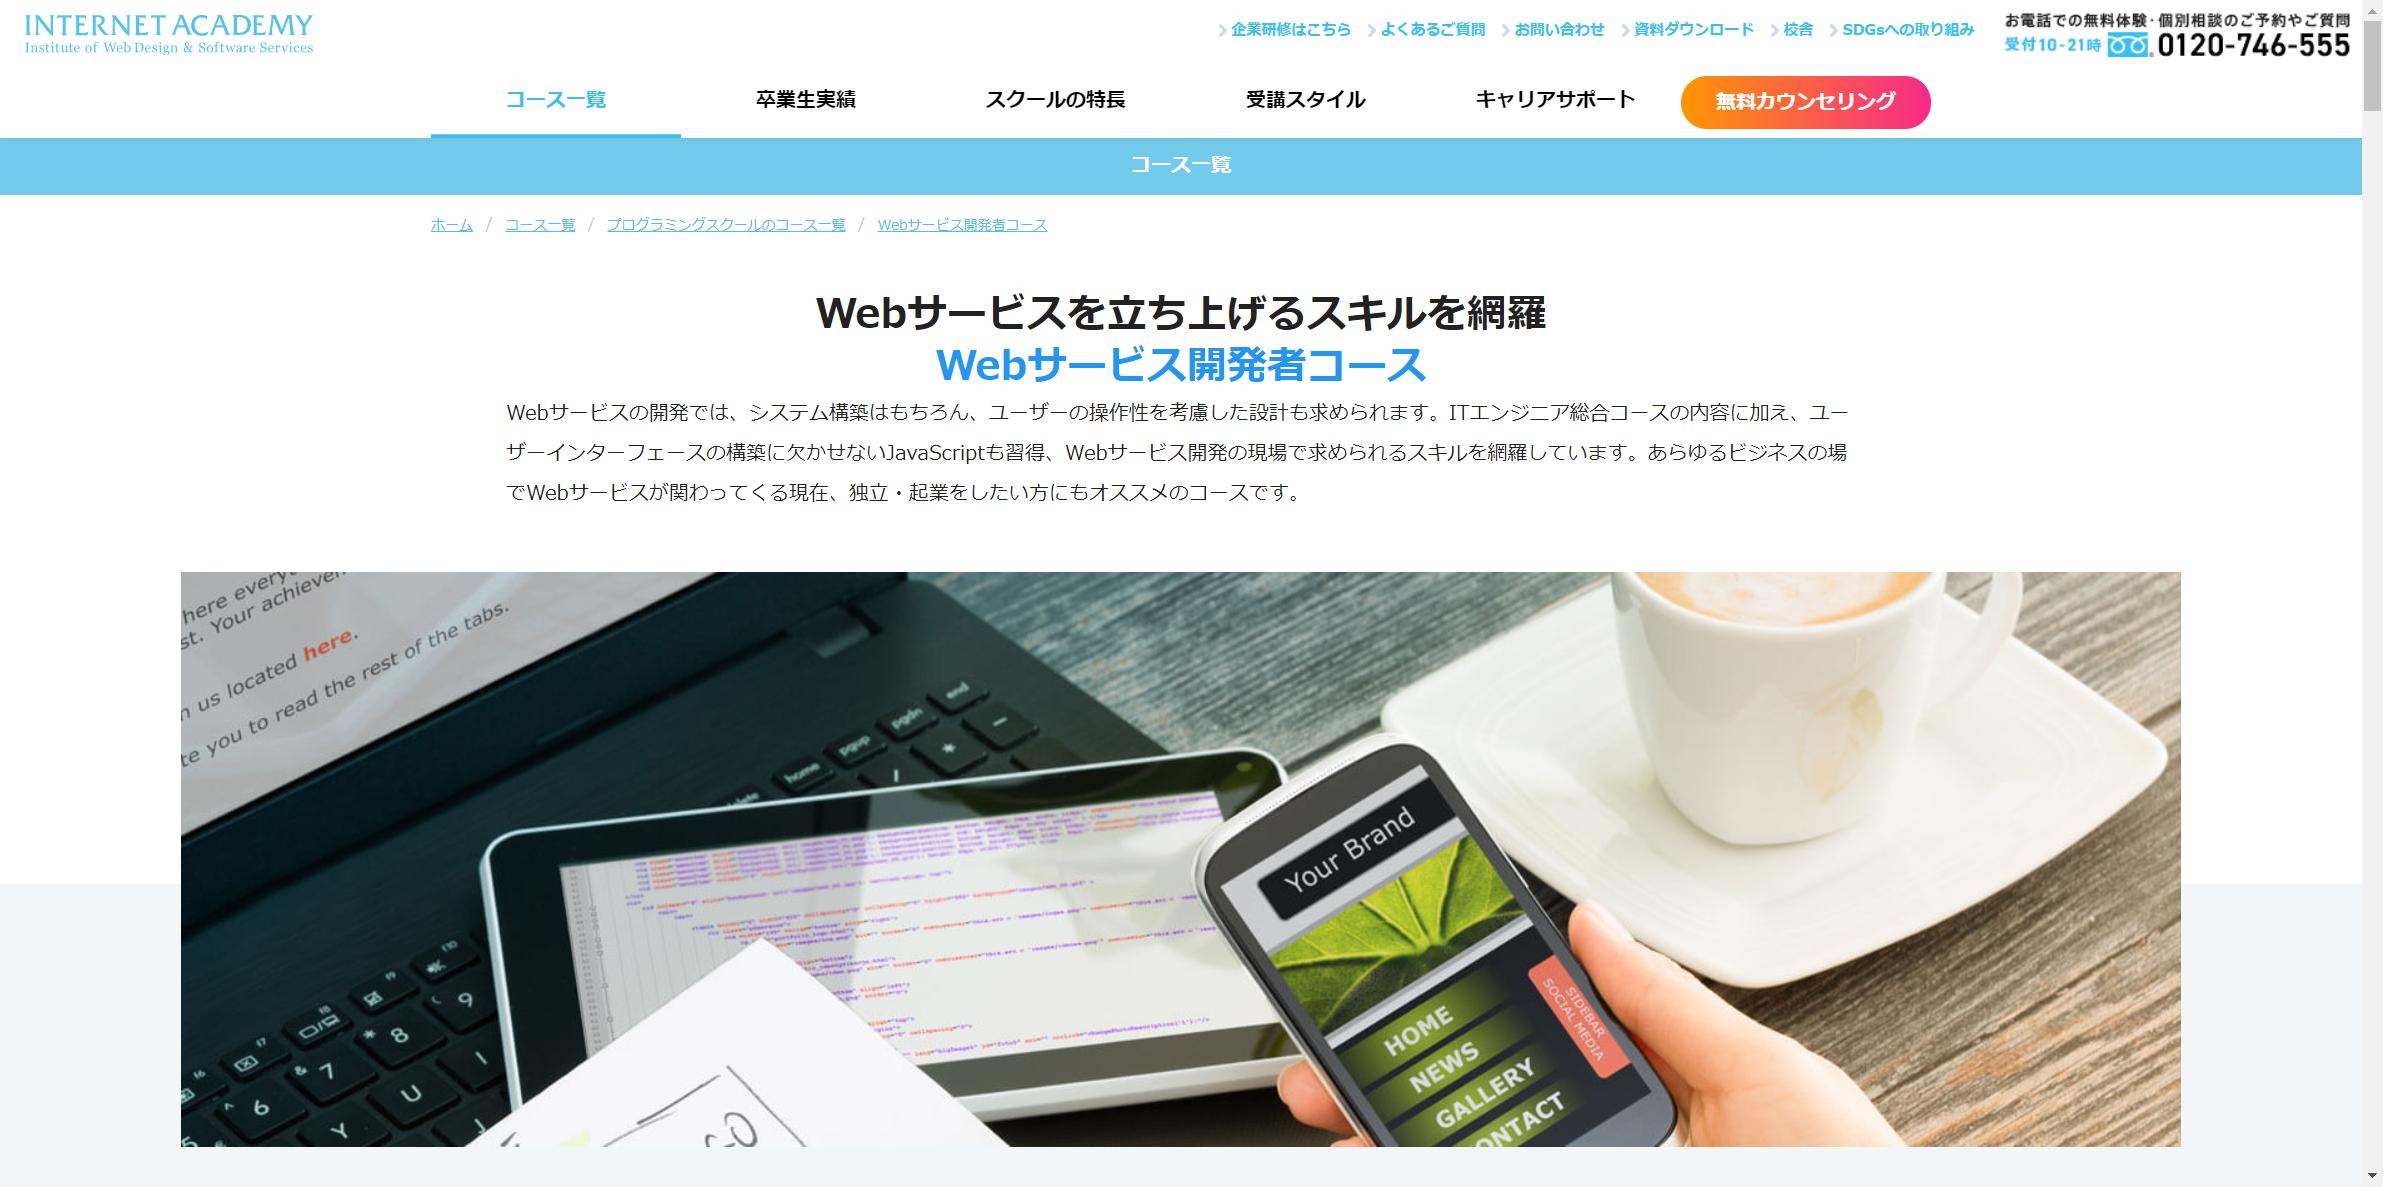 インターネットアカデミー webサービス開発者コース